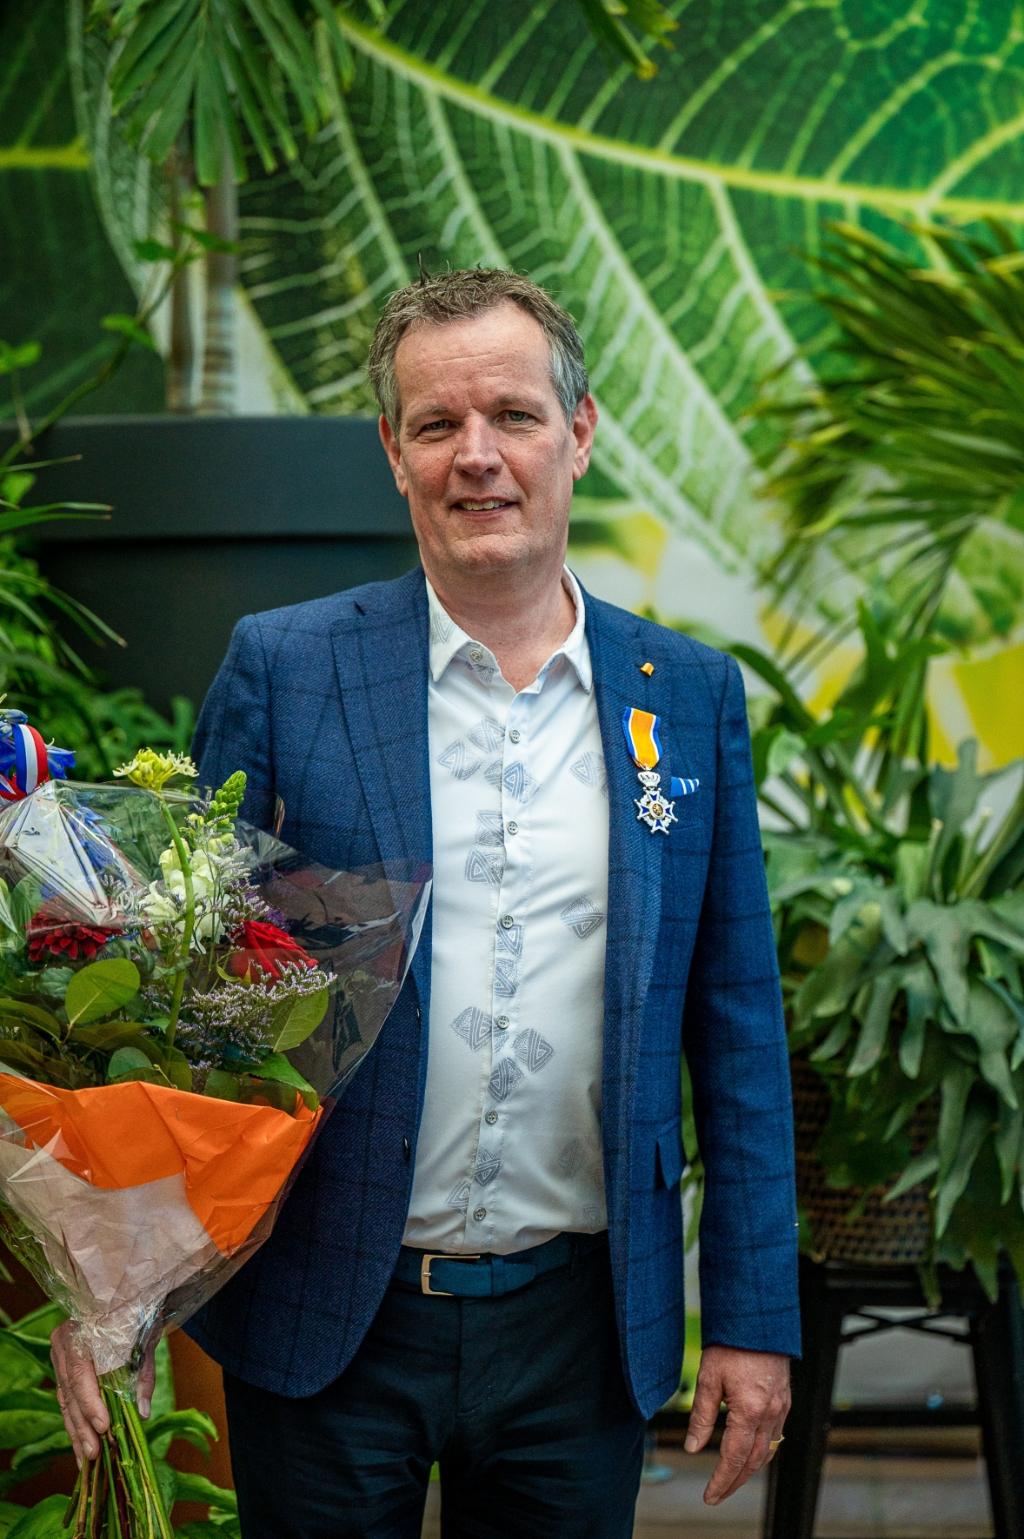 <p>De heer Van der Meij, directeur Royal Lemkes en woonachtig in Rijnsburg, is nu Ridder in de Orde van Oranje-Nassau. (Foto: Ariane Kok)</p> Ariane Kok © hartvanlansingerland